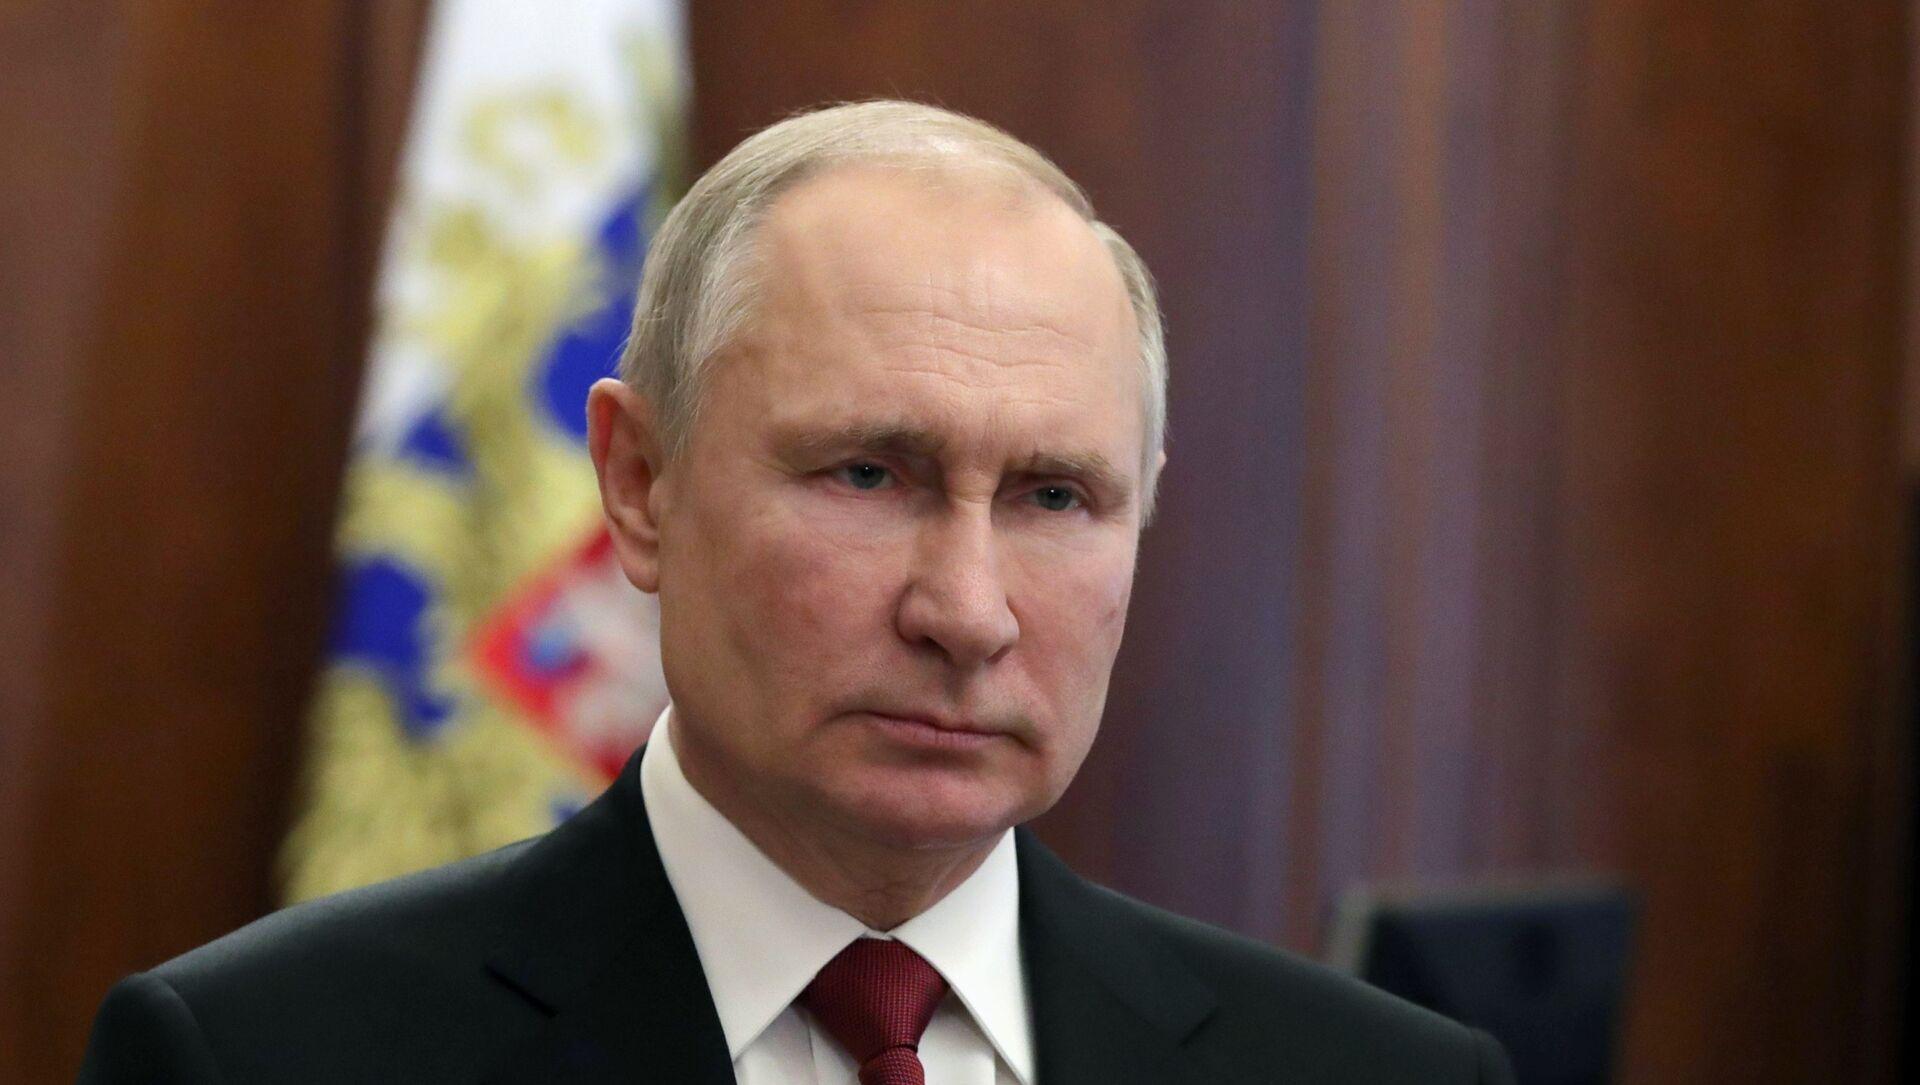 プーチン大統領 - Sputnik 日本, 1920, 20.04.2021